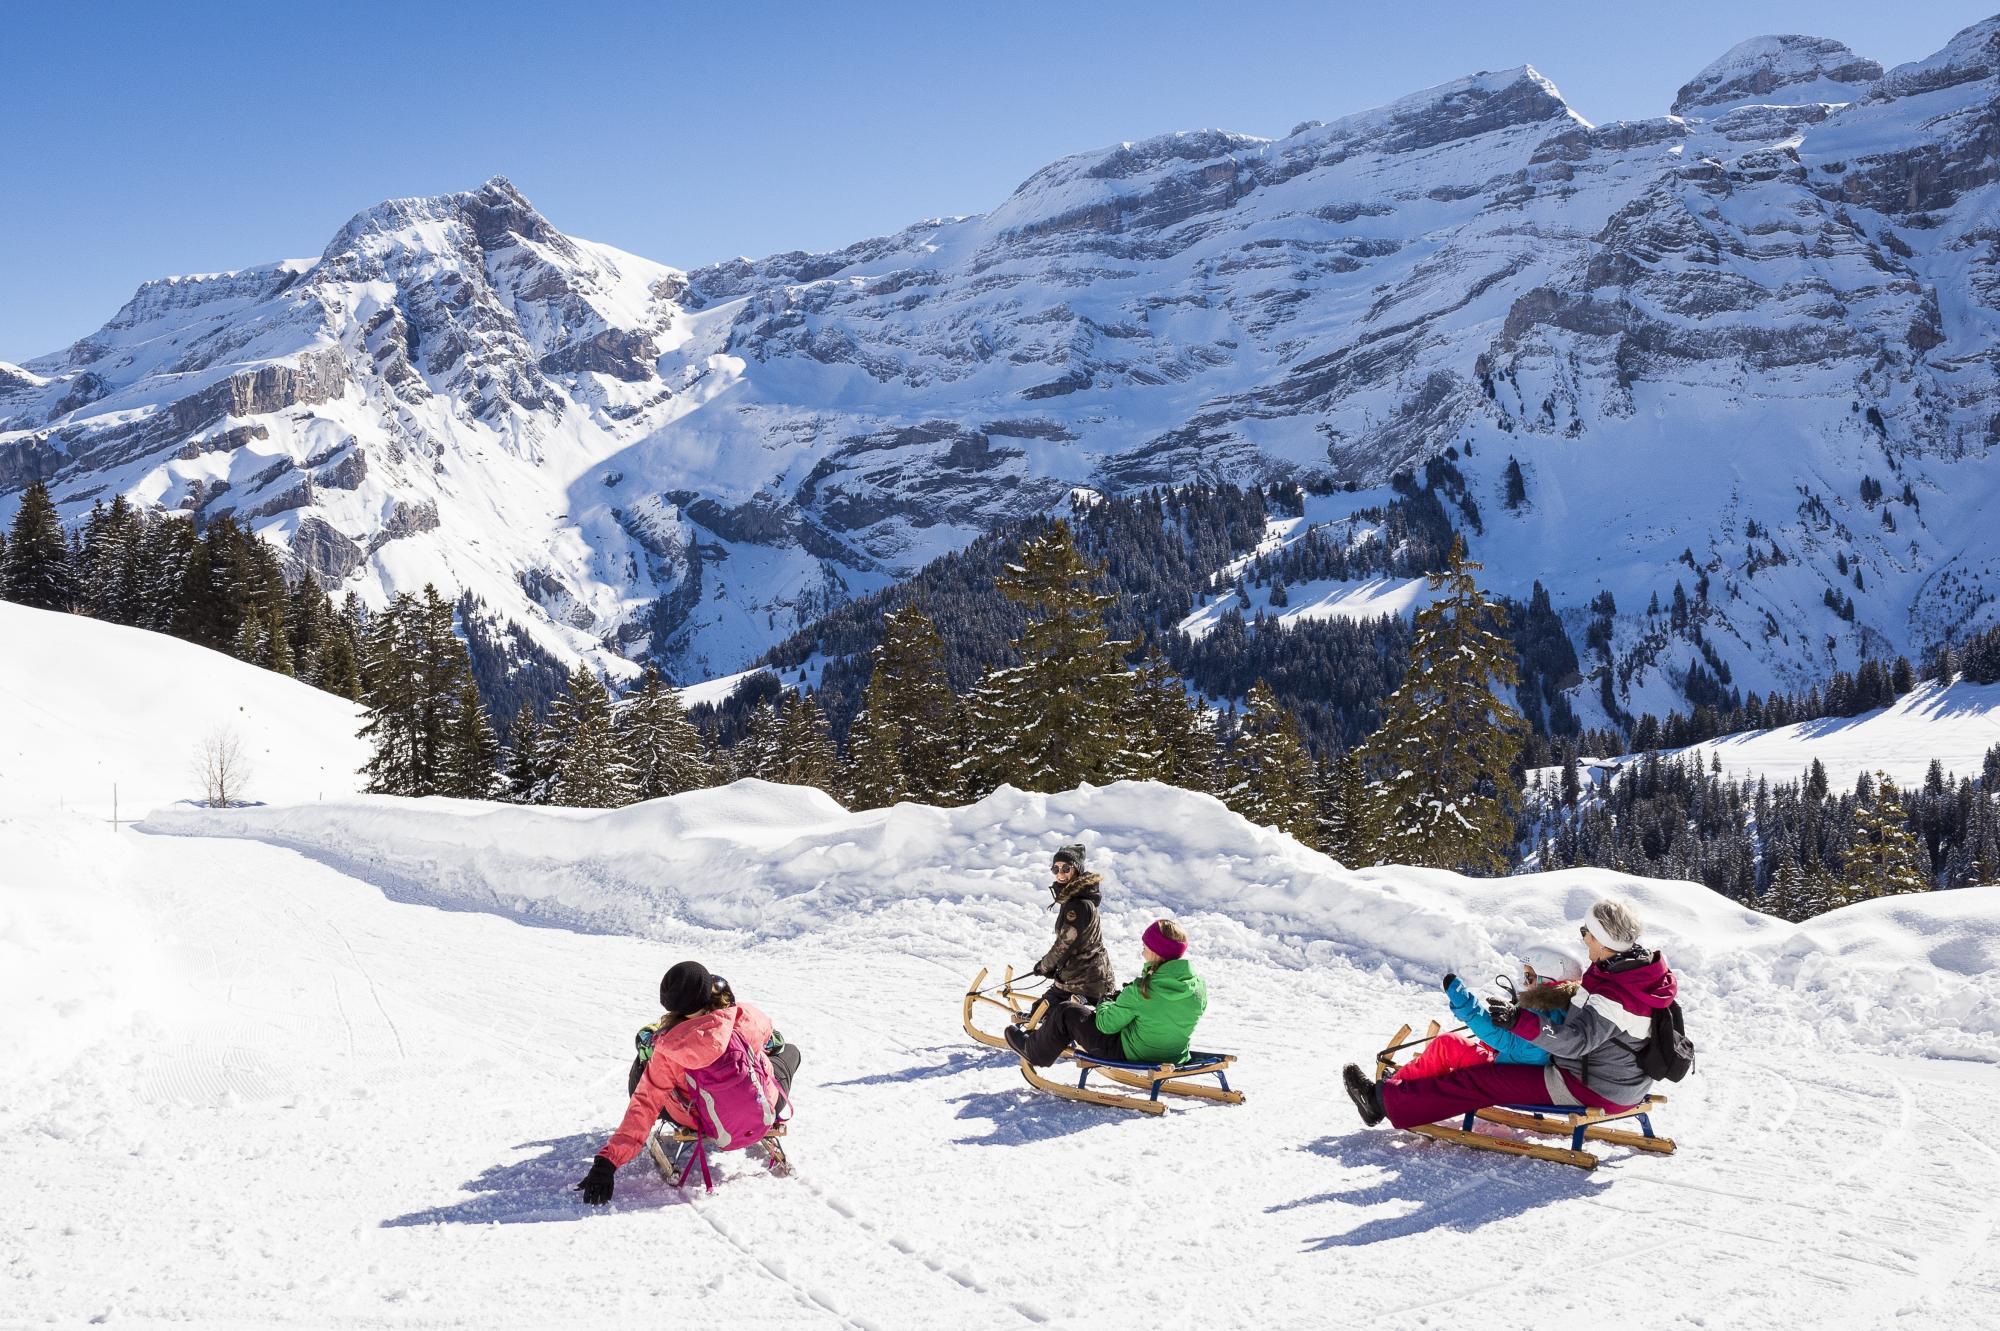 Funpark les diablerets villars gryon les diablerets bex suisse - Office tourisme diablerets ...